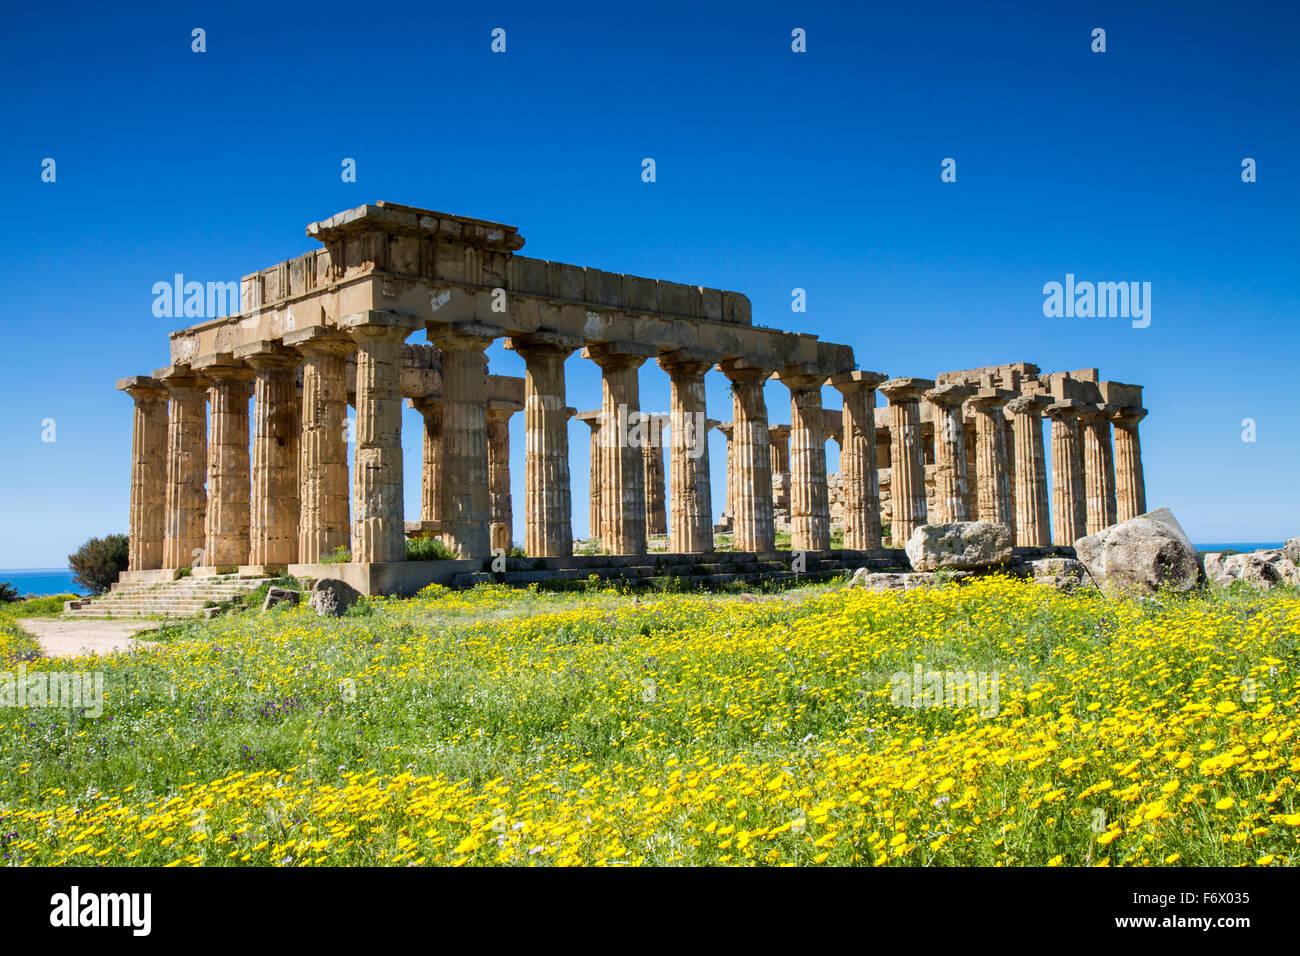 El templo griego de Selinunte en primavera, Sicilia, Italia Foto de stock